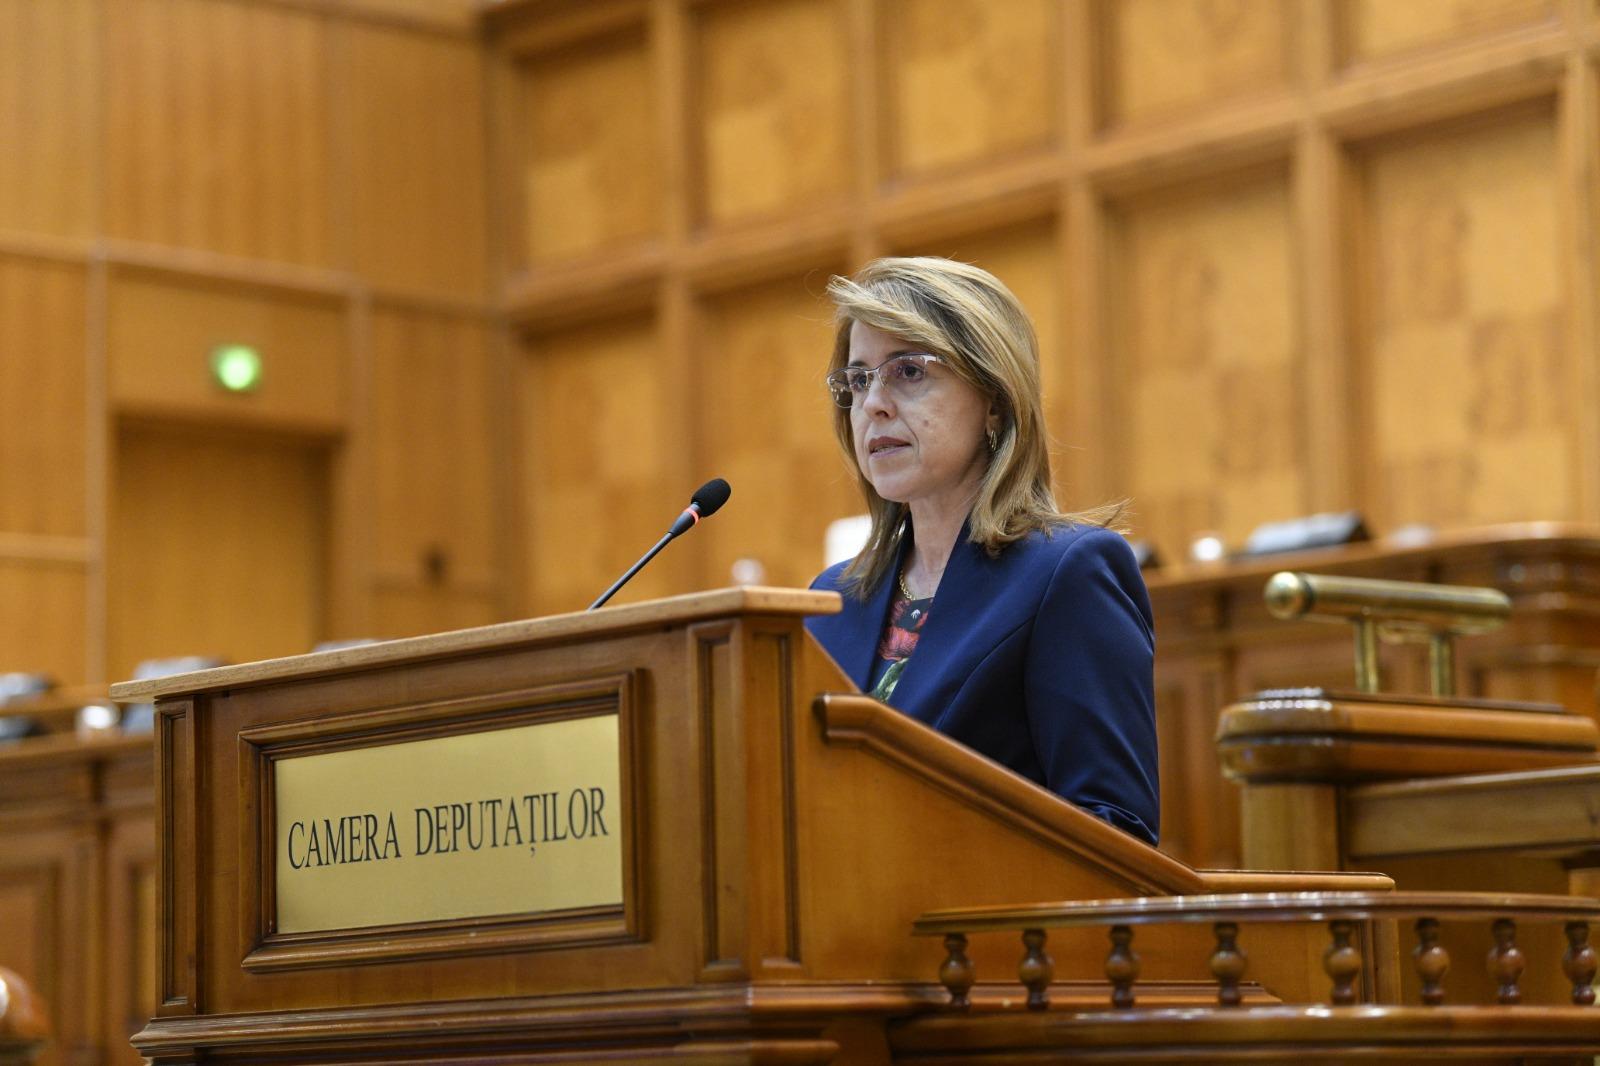 Dr. Antoneta Ioniță, Deputat, Comisia de Sănătate: În toată această perioadă, importantă este relația pacienților cu medicii lor de familie. Se pot acorda consultații medicale, prin sistemul de telemedicină